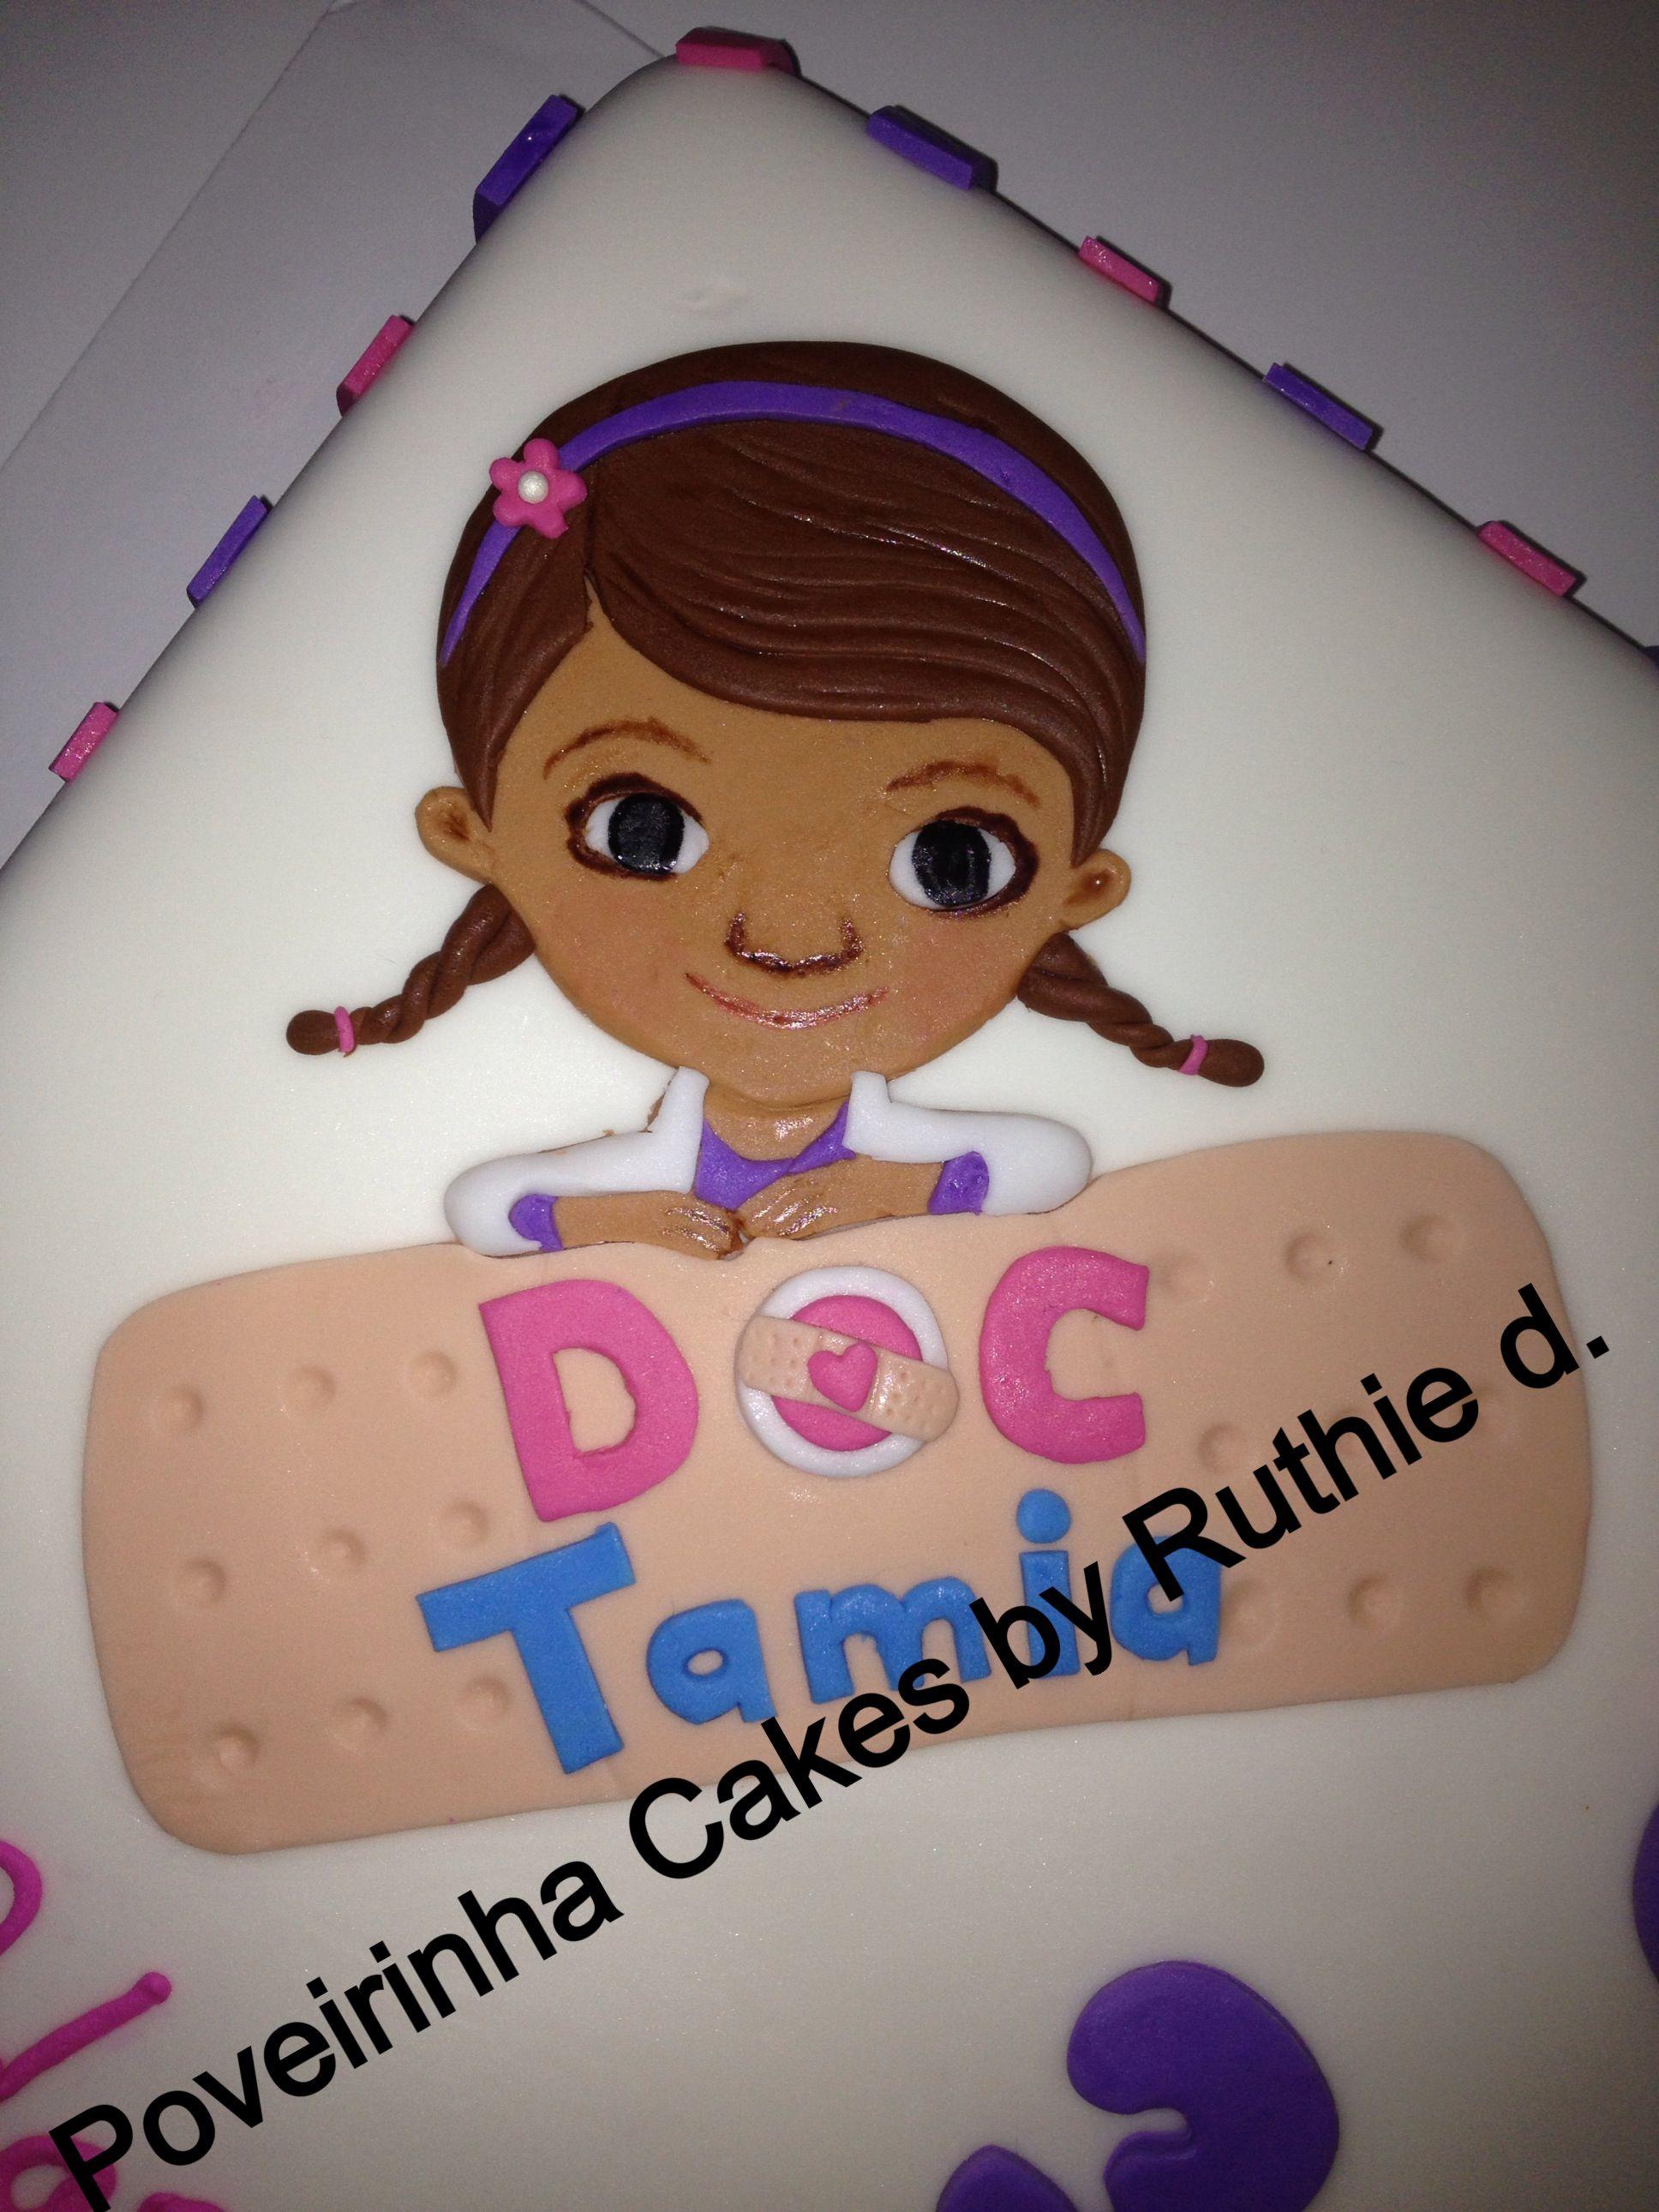 Doc mcstuffins bandages doc mcstuffins party ideas on pinterest doc - Doc Mcstuffins Cake Topper 2d Fondant Face And Bandage Poveirinha Cakes By Ruthie D